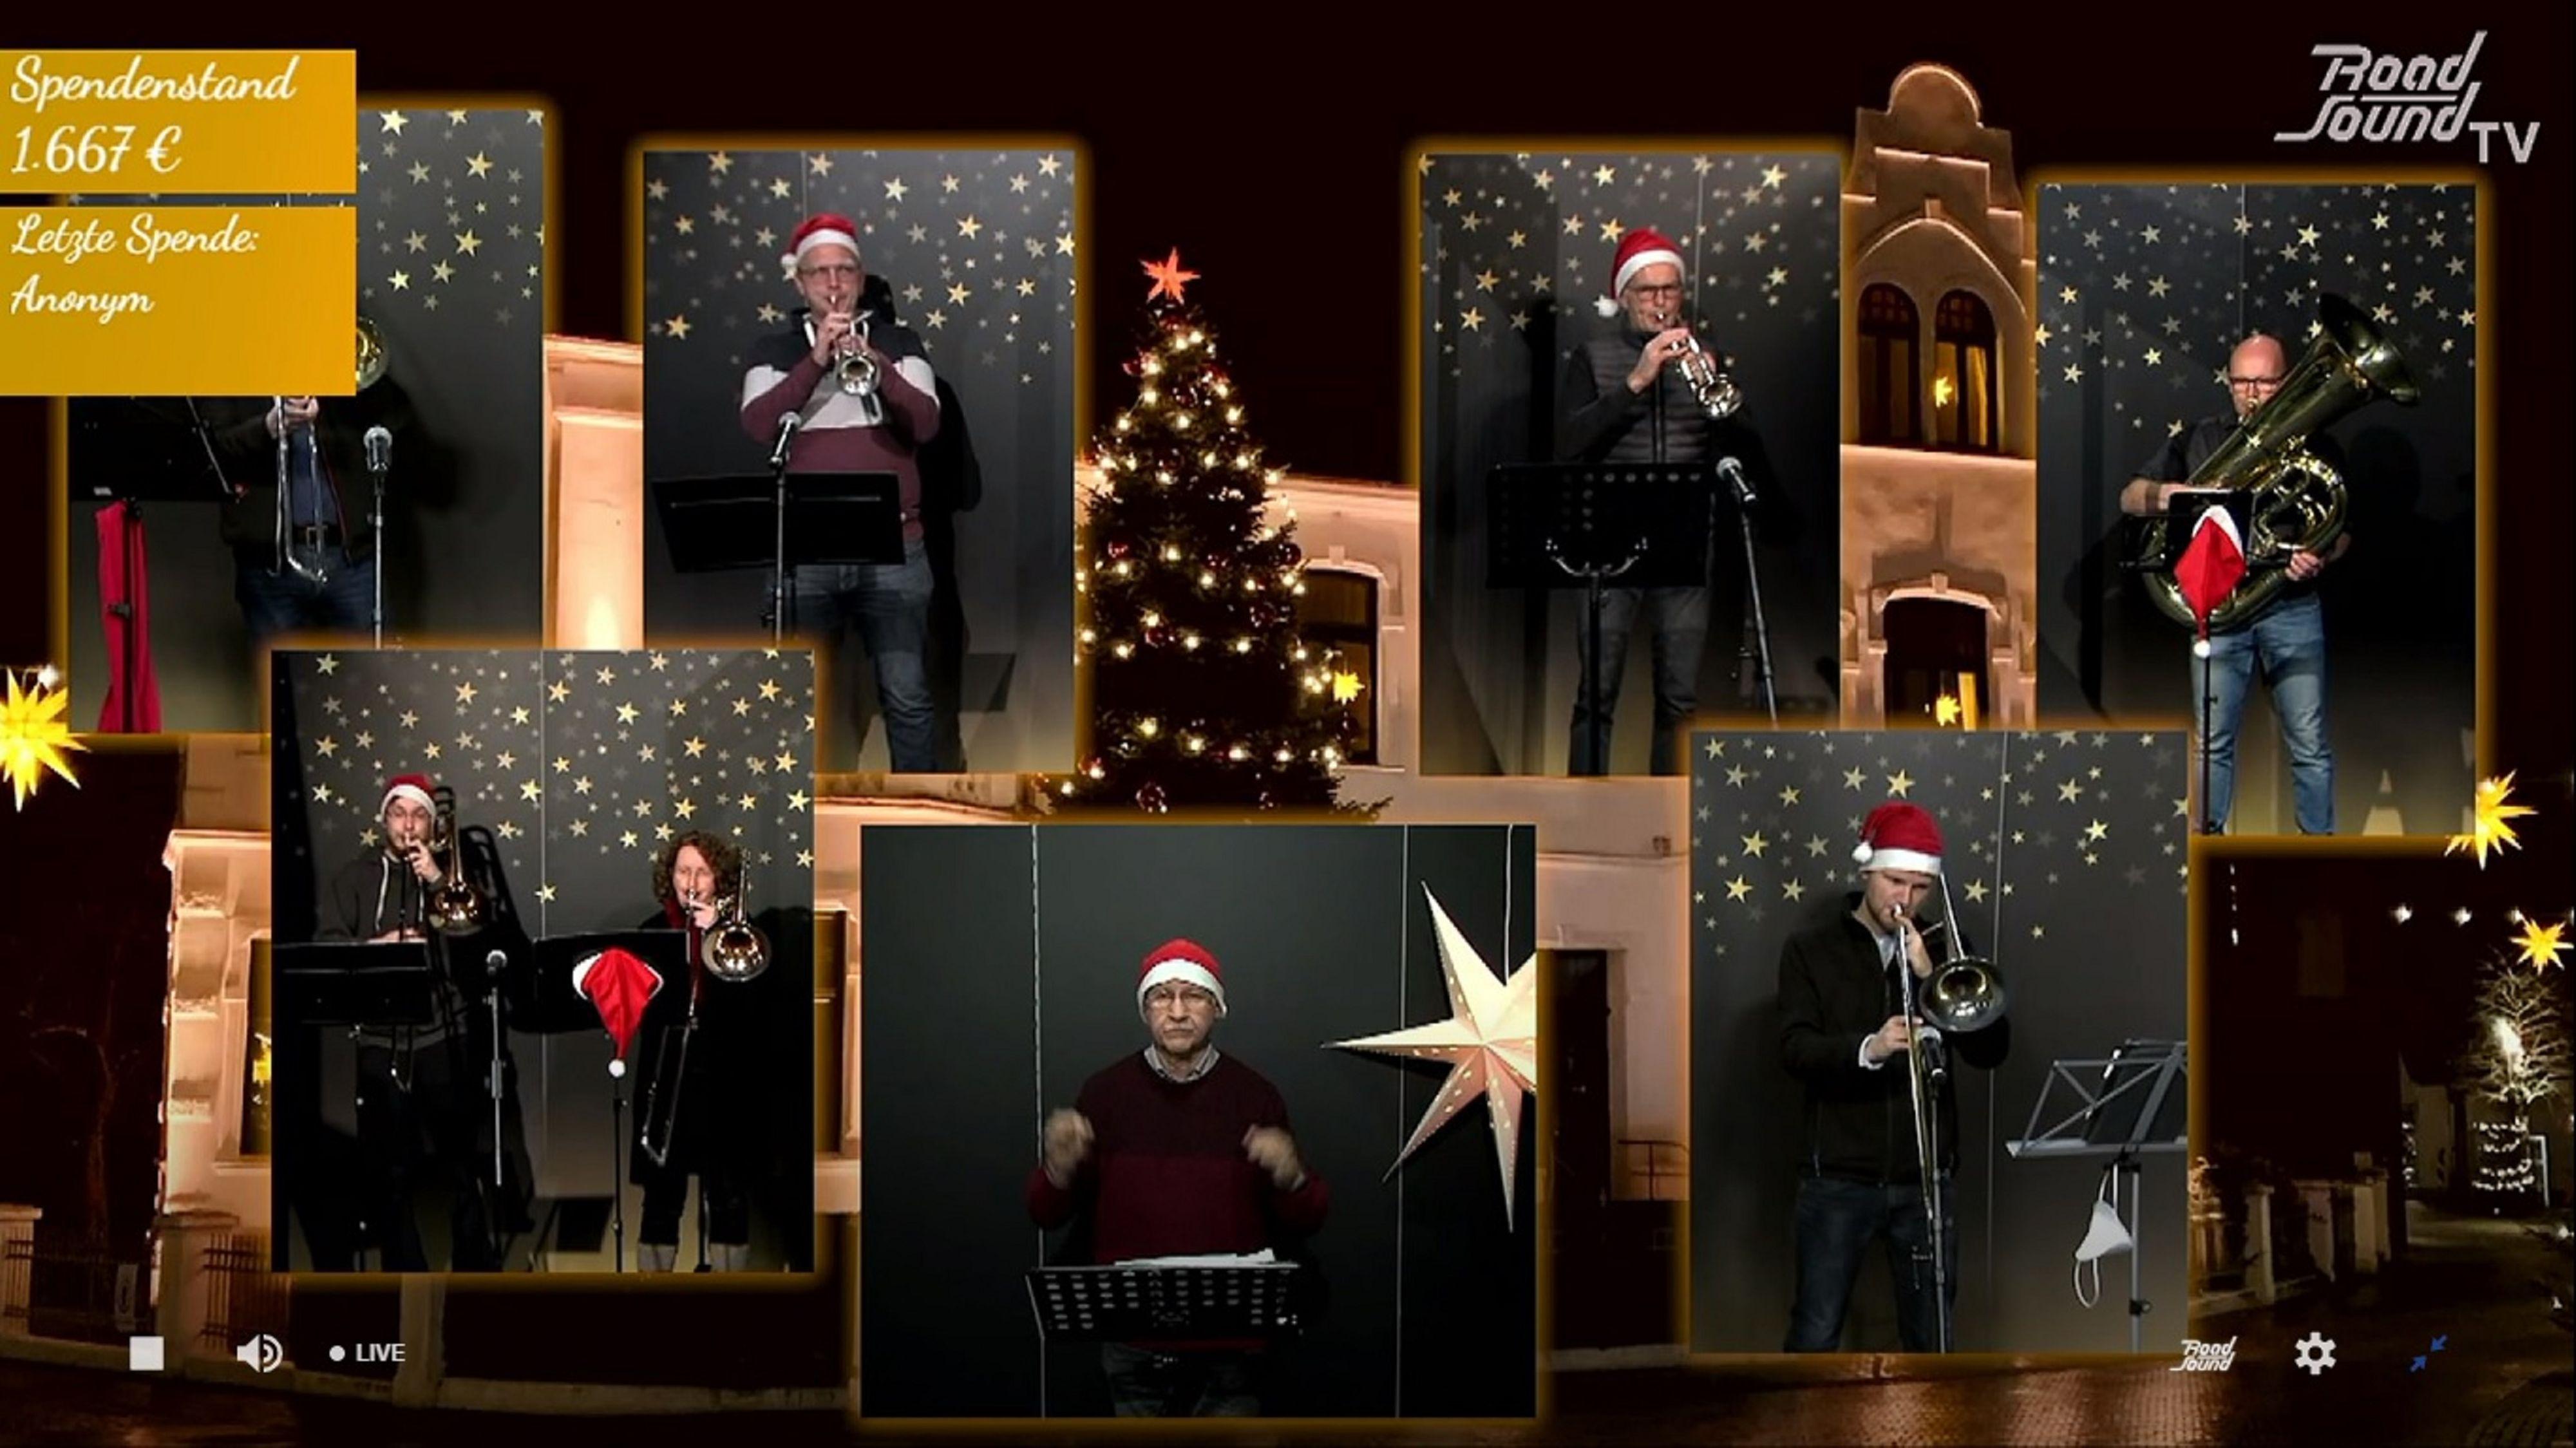 """Der musikalische Auftakt: Die Bläser machten beim 32. Lohner Weihnachtssingen für """"Sportler gegen Hunger"""" den Anfang. Es folgten viele weitere Aufnahmen, die aufwendig zusammengeschnitten wurden. Screenshots: weihnachtssingen-lohne.de"""